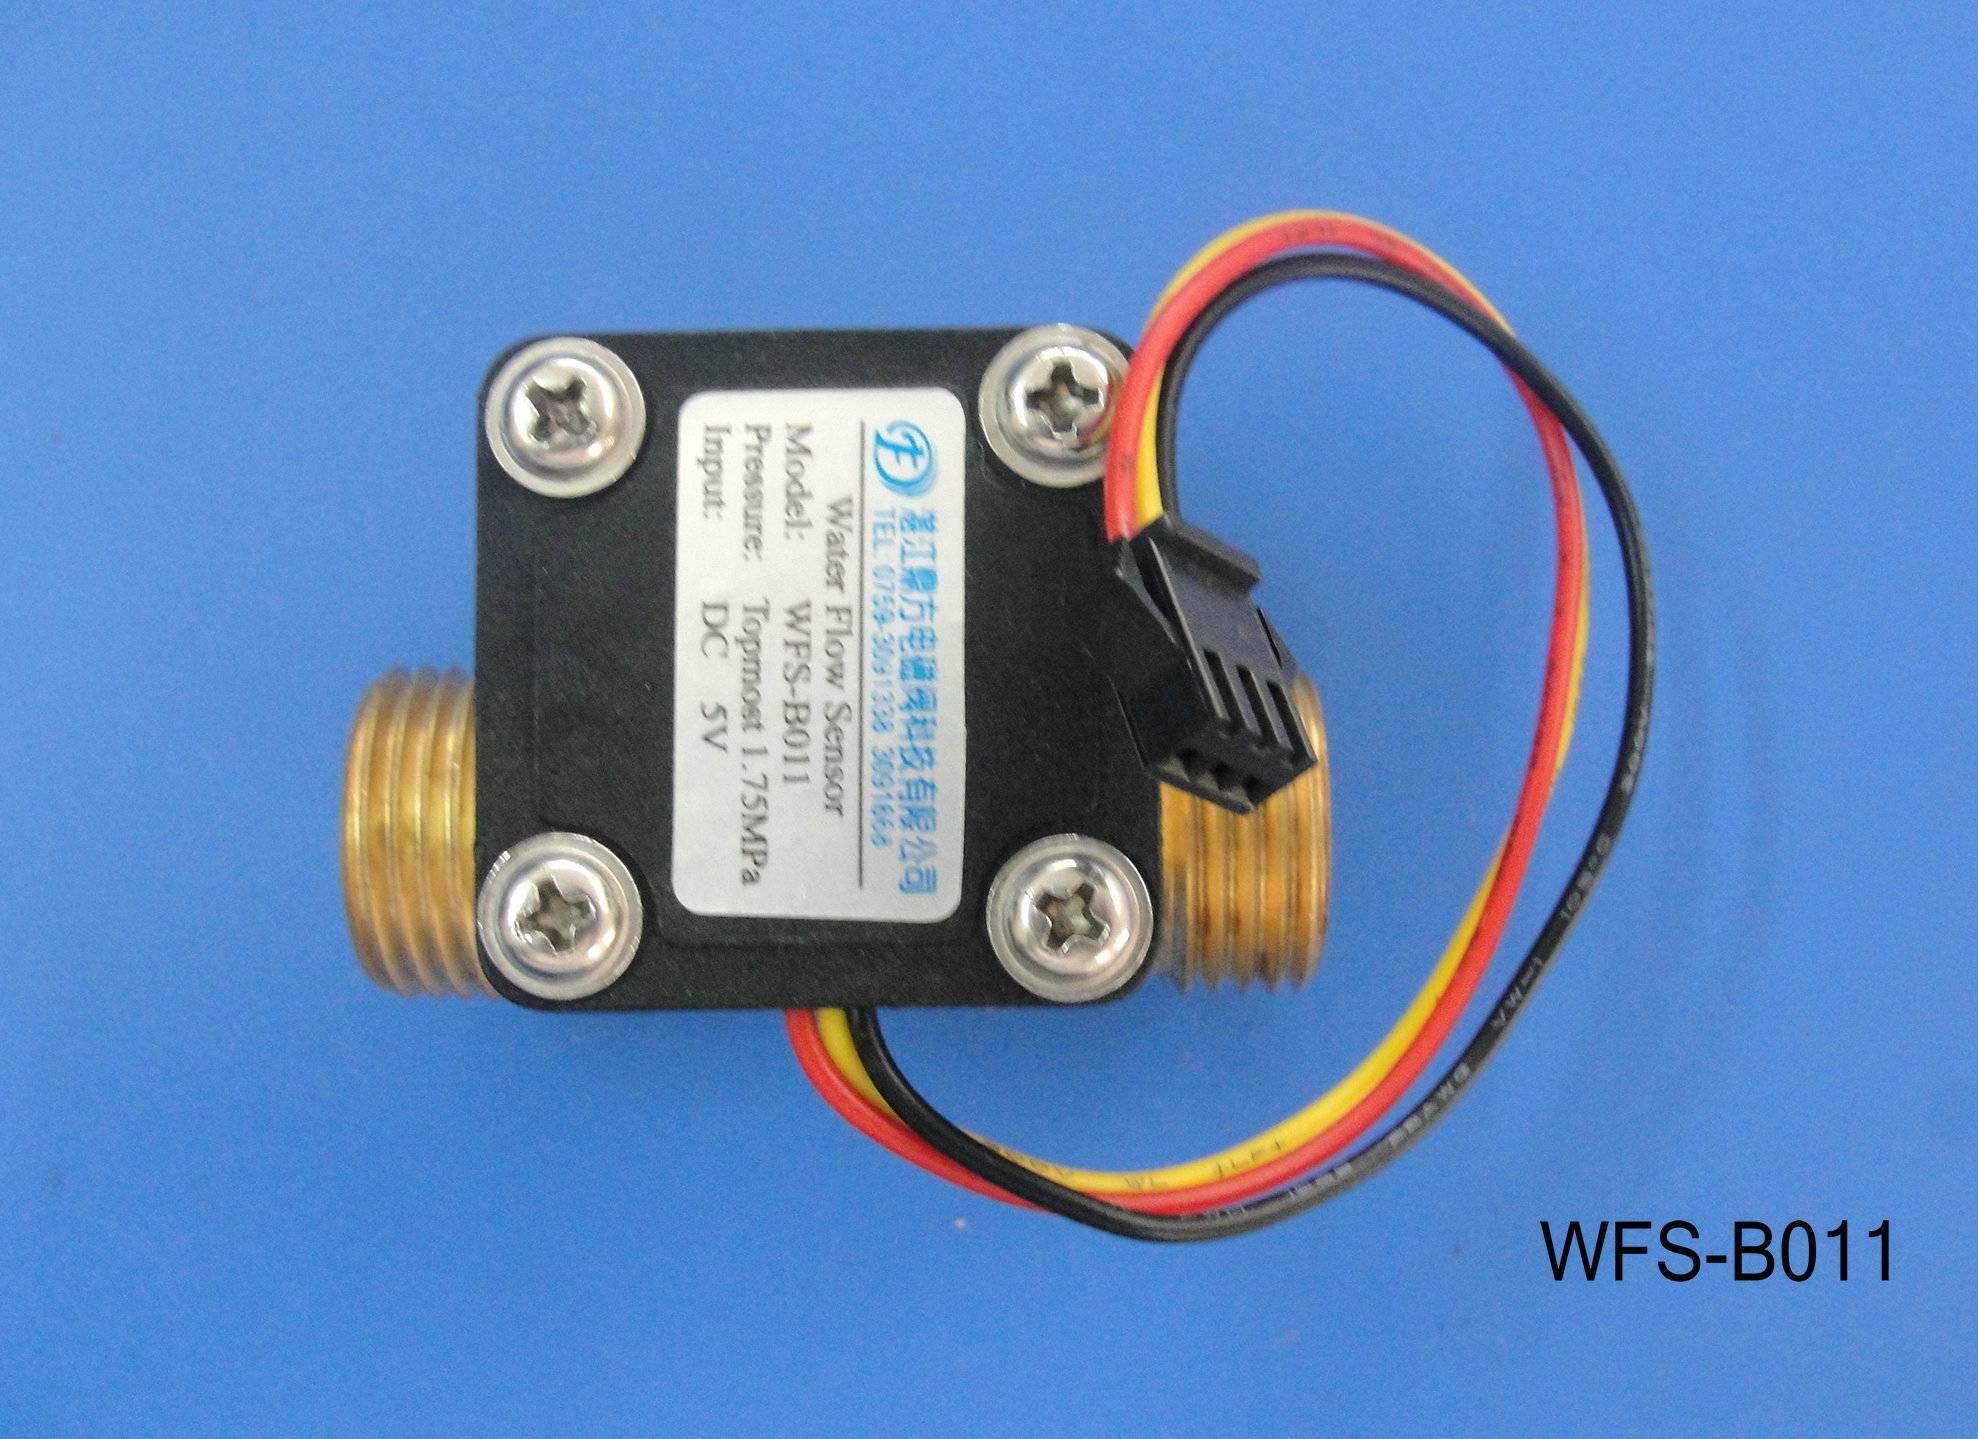 High temperature flow sensor WFS-B011